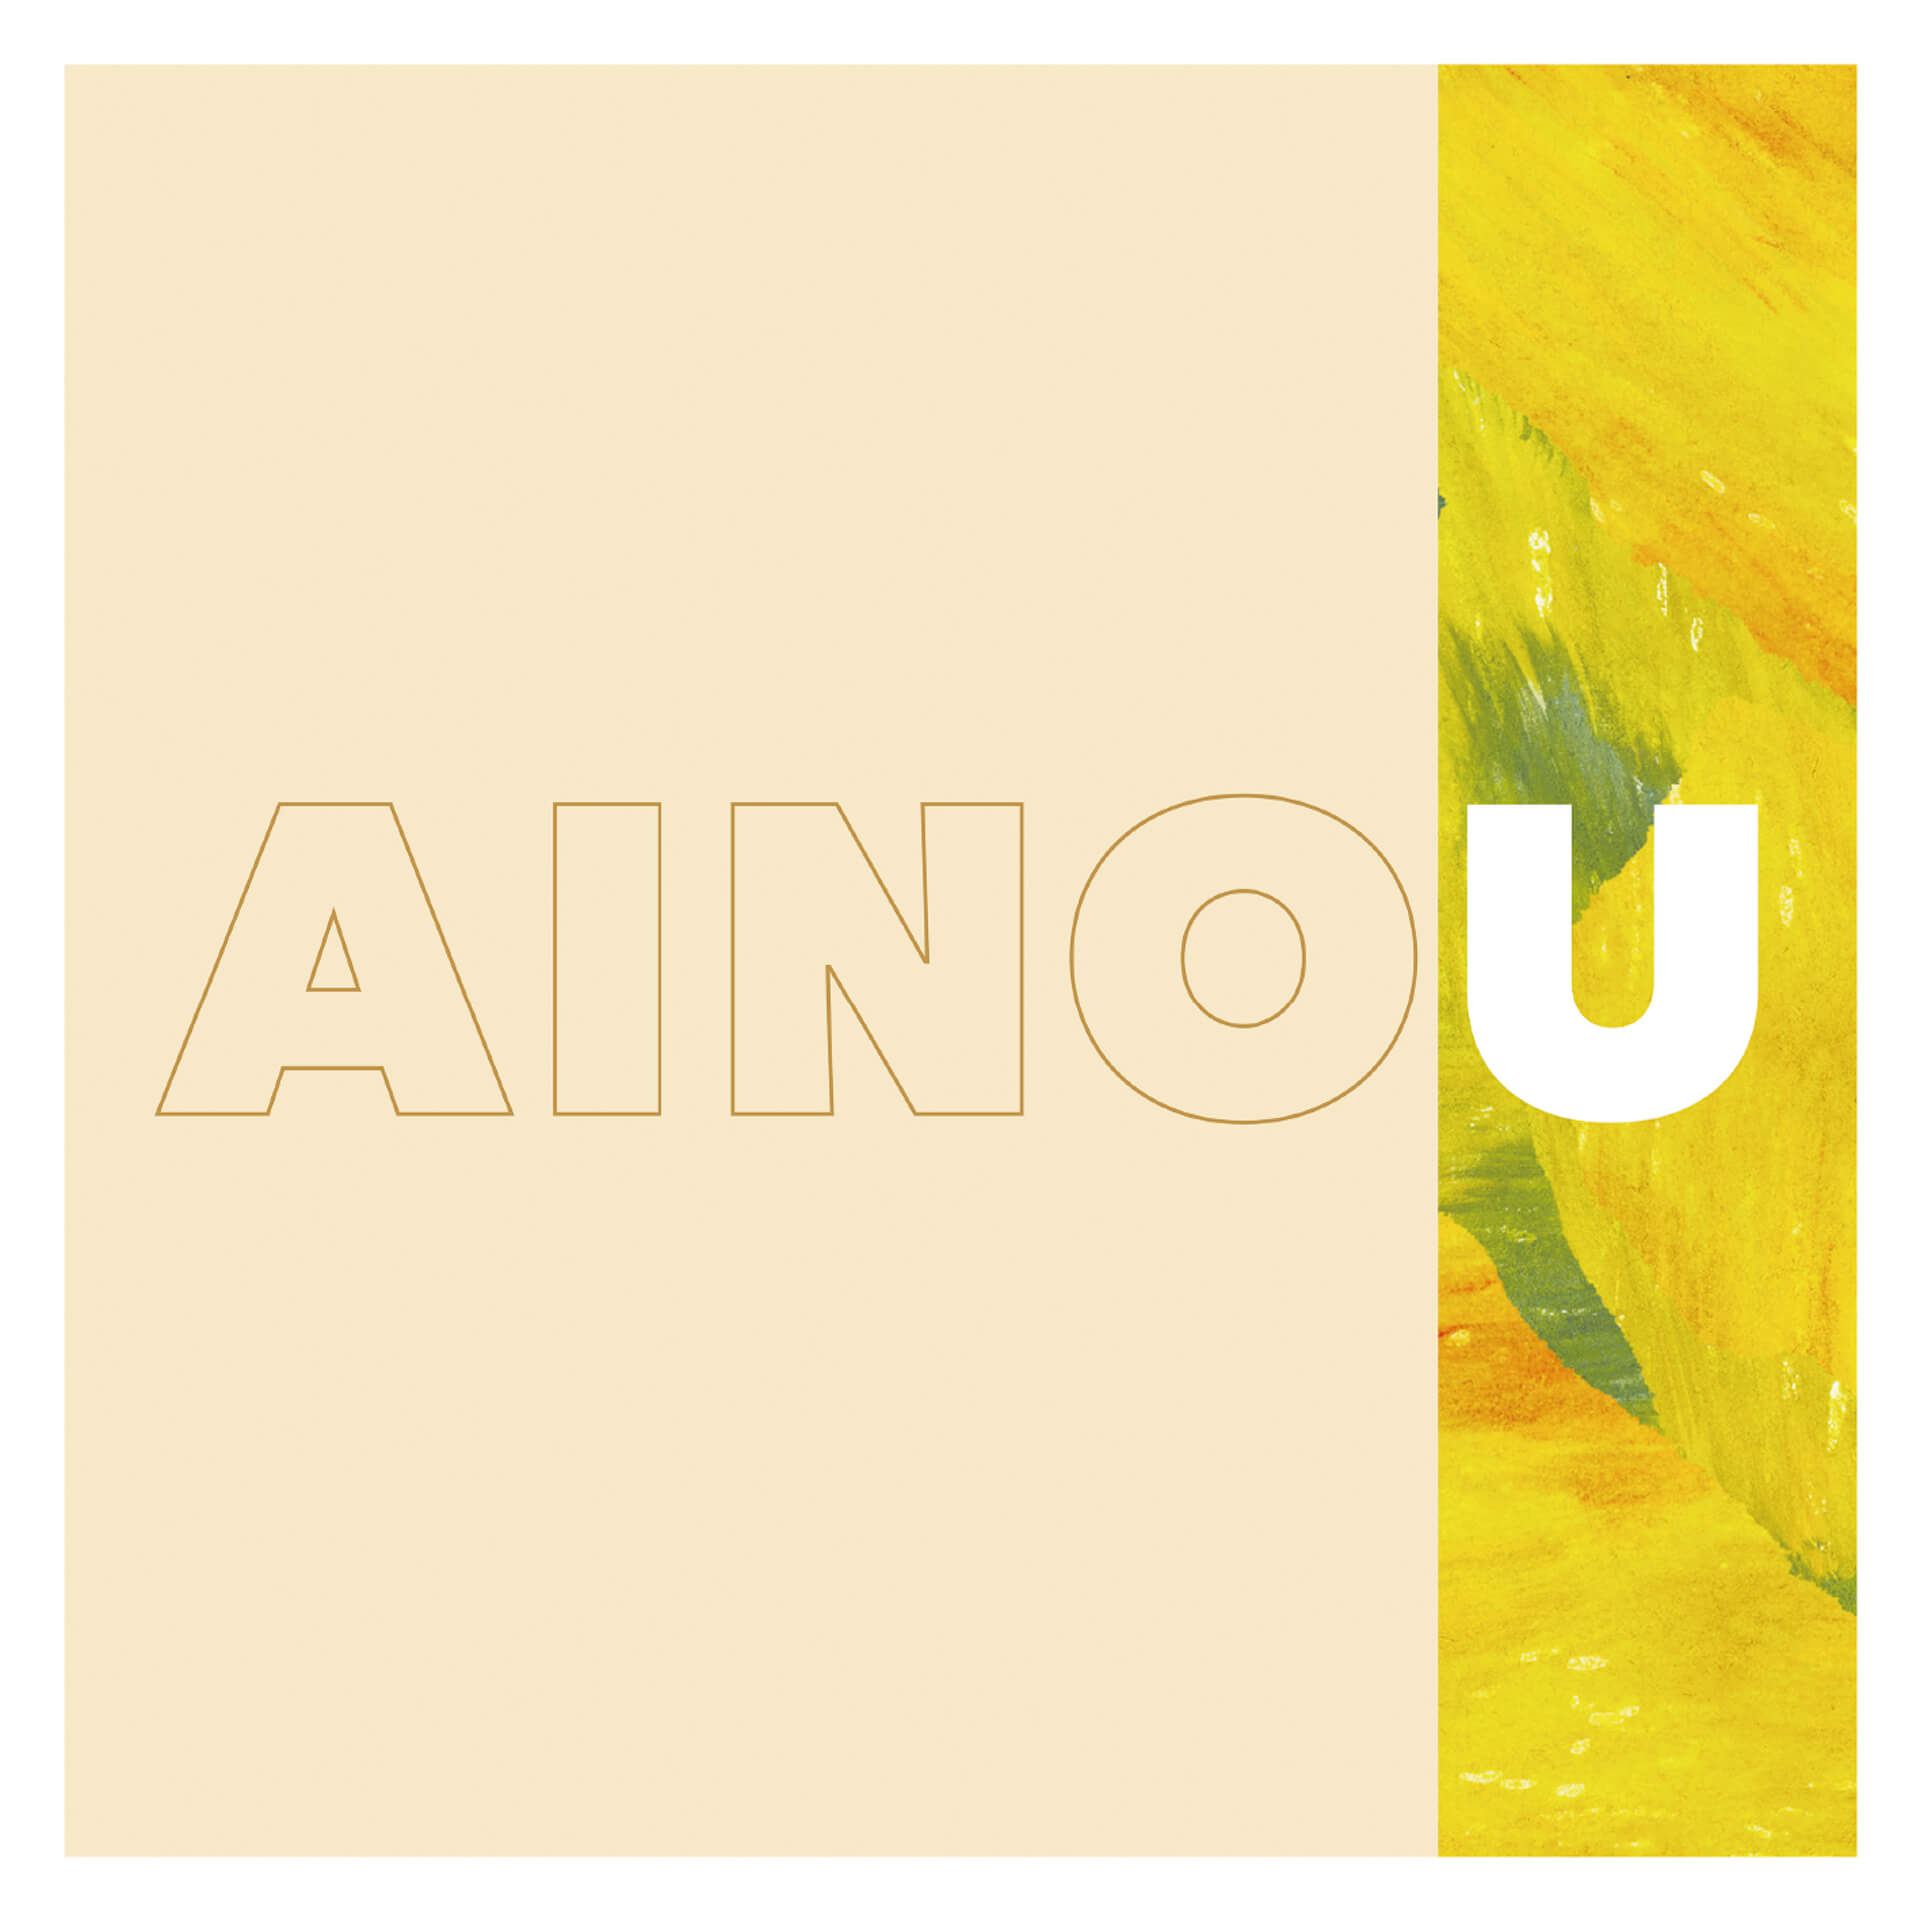 中村佳穂の6都市を周る初の全国ツアーが開催決定!『AINOU』の購入者プレゼントキャンペーンも実施 music210716_nakamurakaho_4